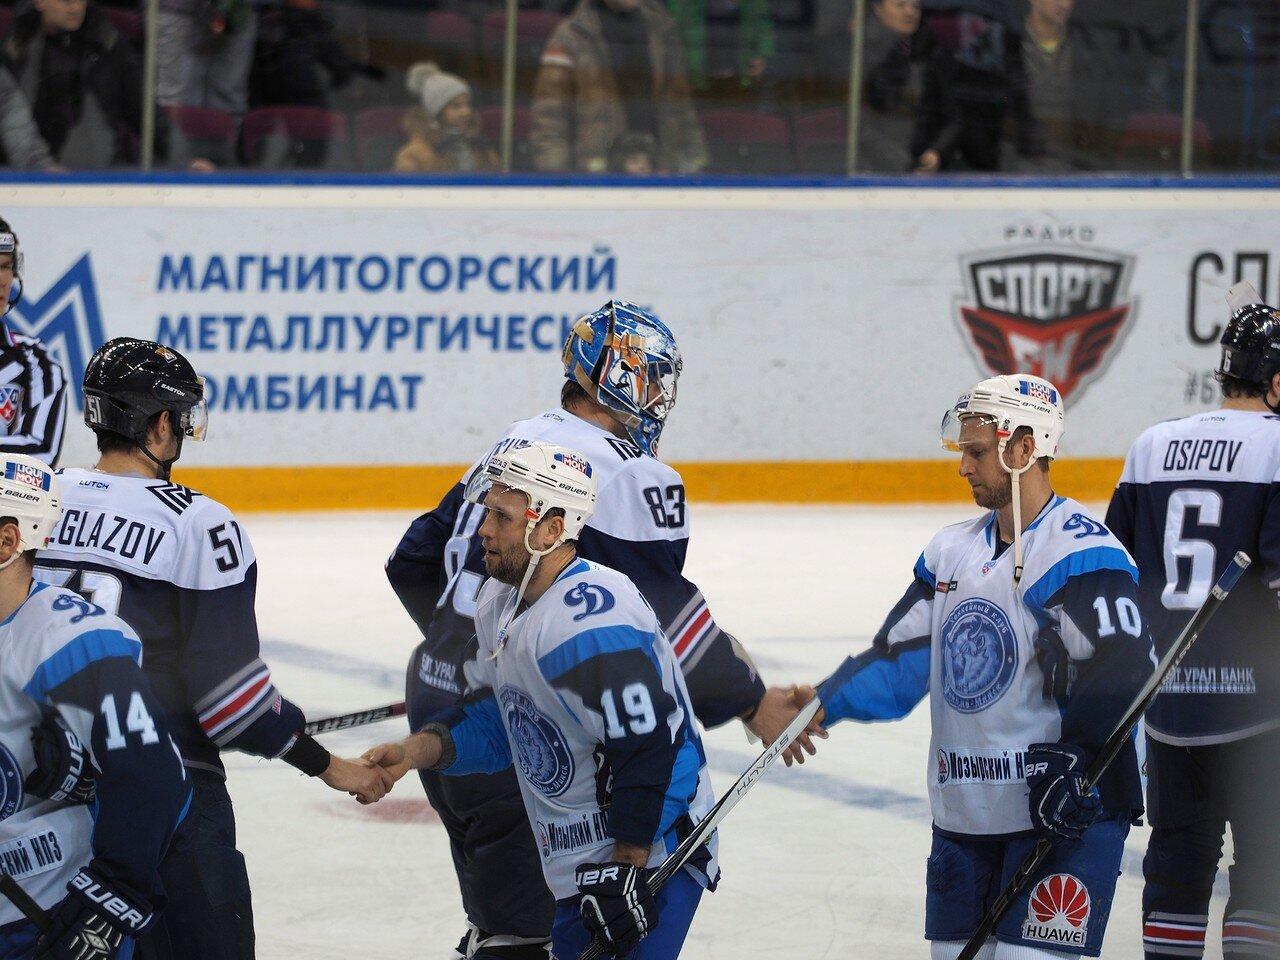 66Металлург - Динамо Минск 13.01.2015